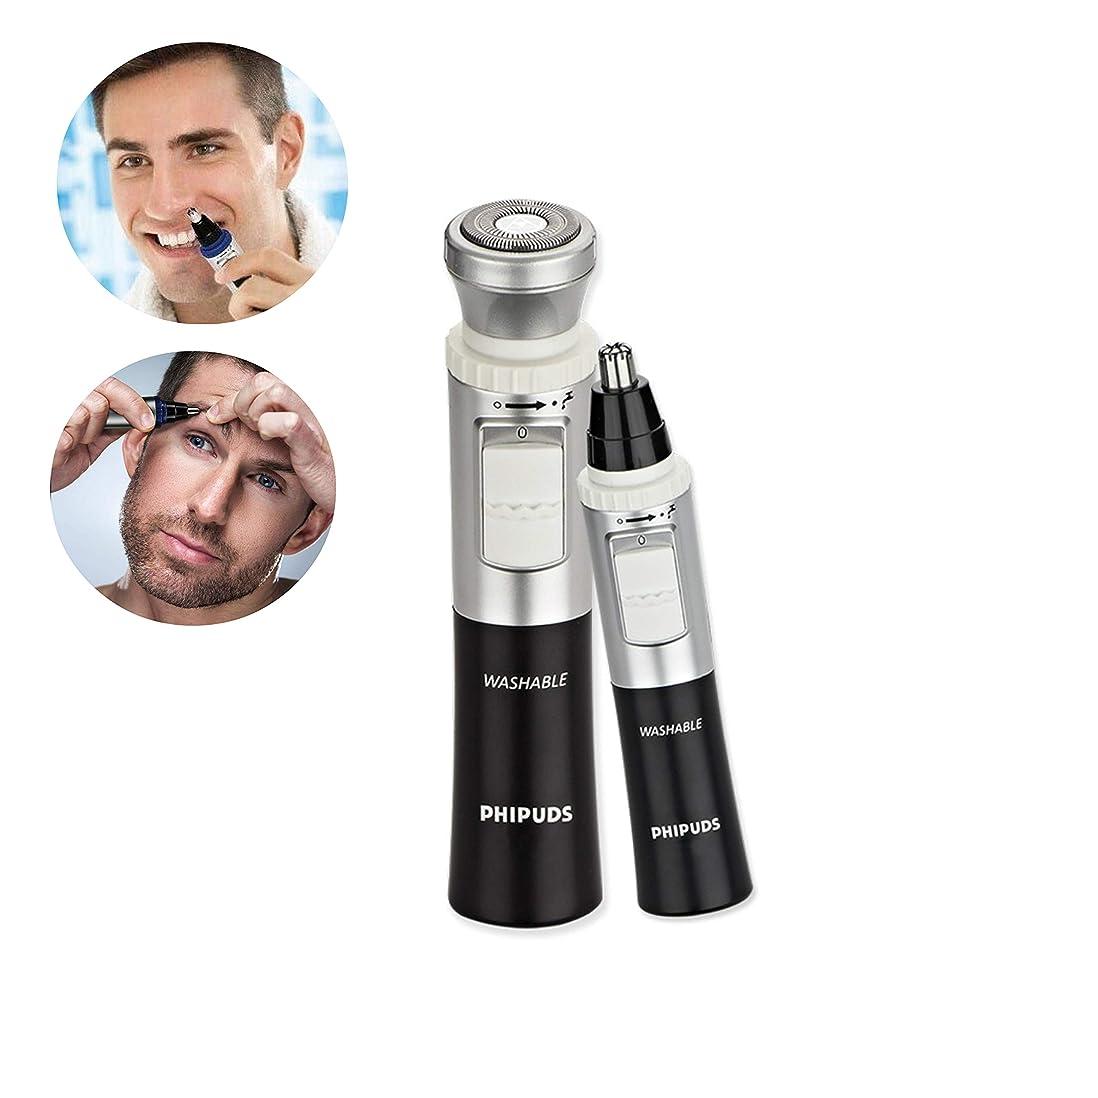 容赦ないつかまえる七時半Island chief 電動 メンズシェーバー 鼻毛カッター 1台2役 電池式 髭剃り 水洗い可